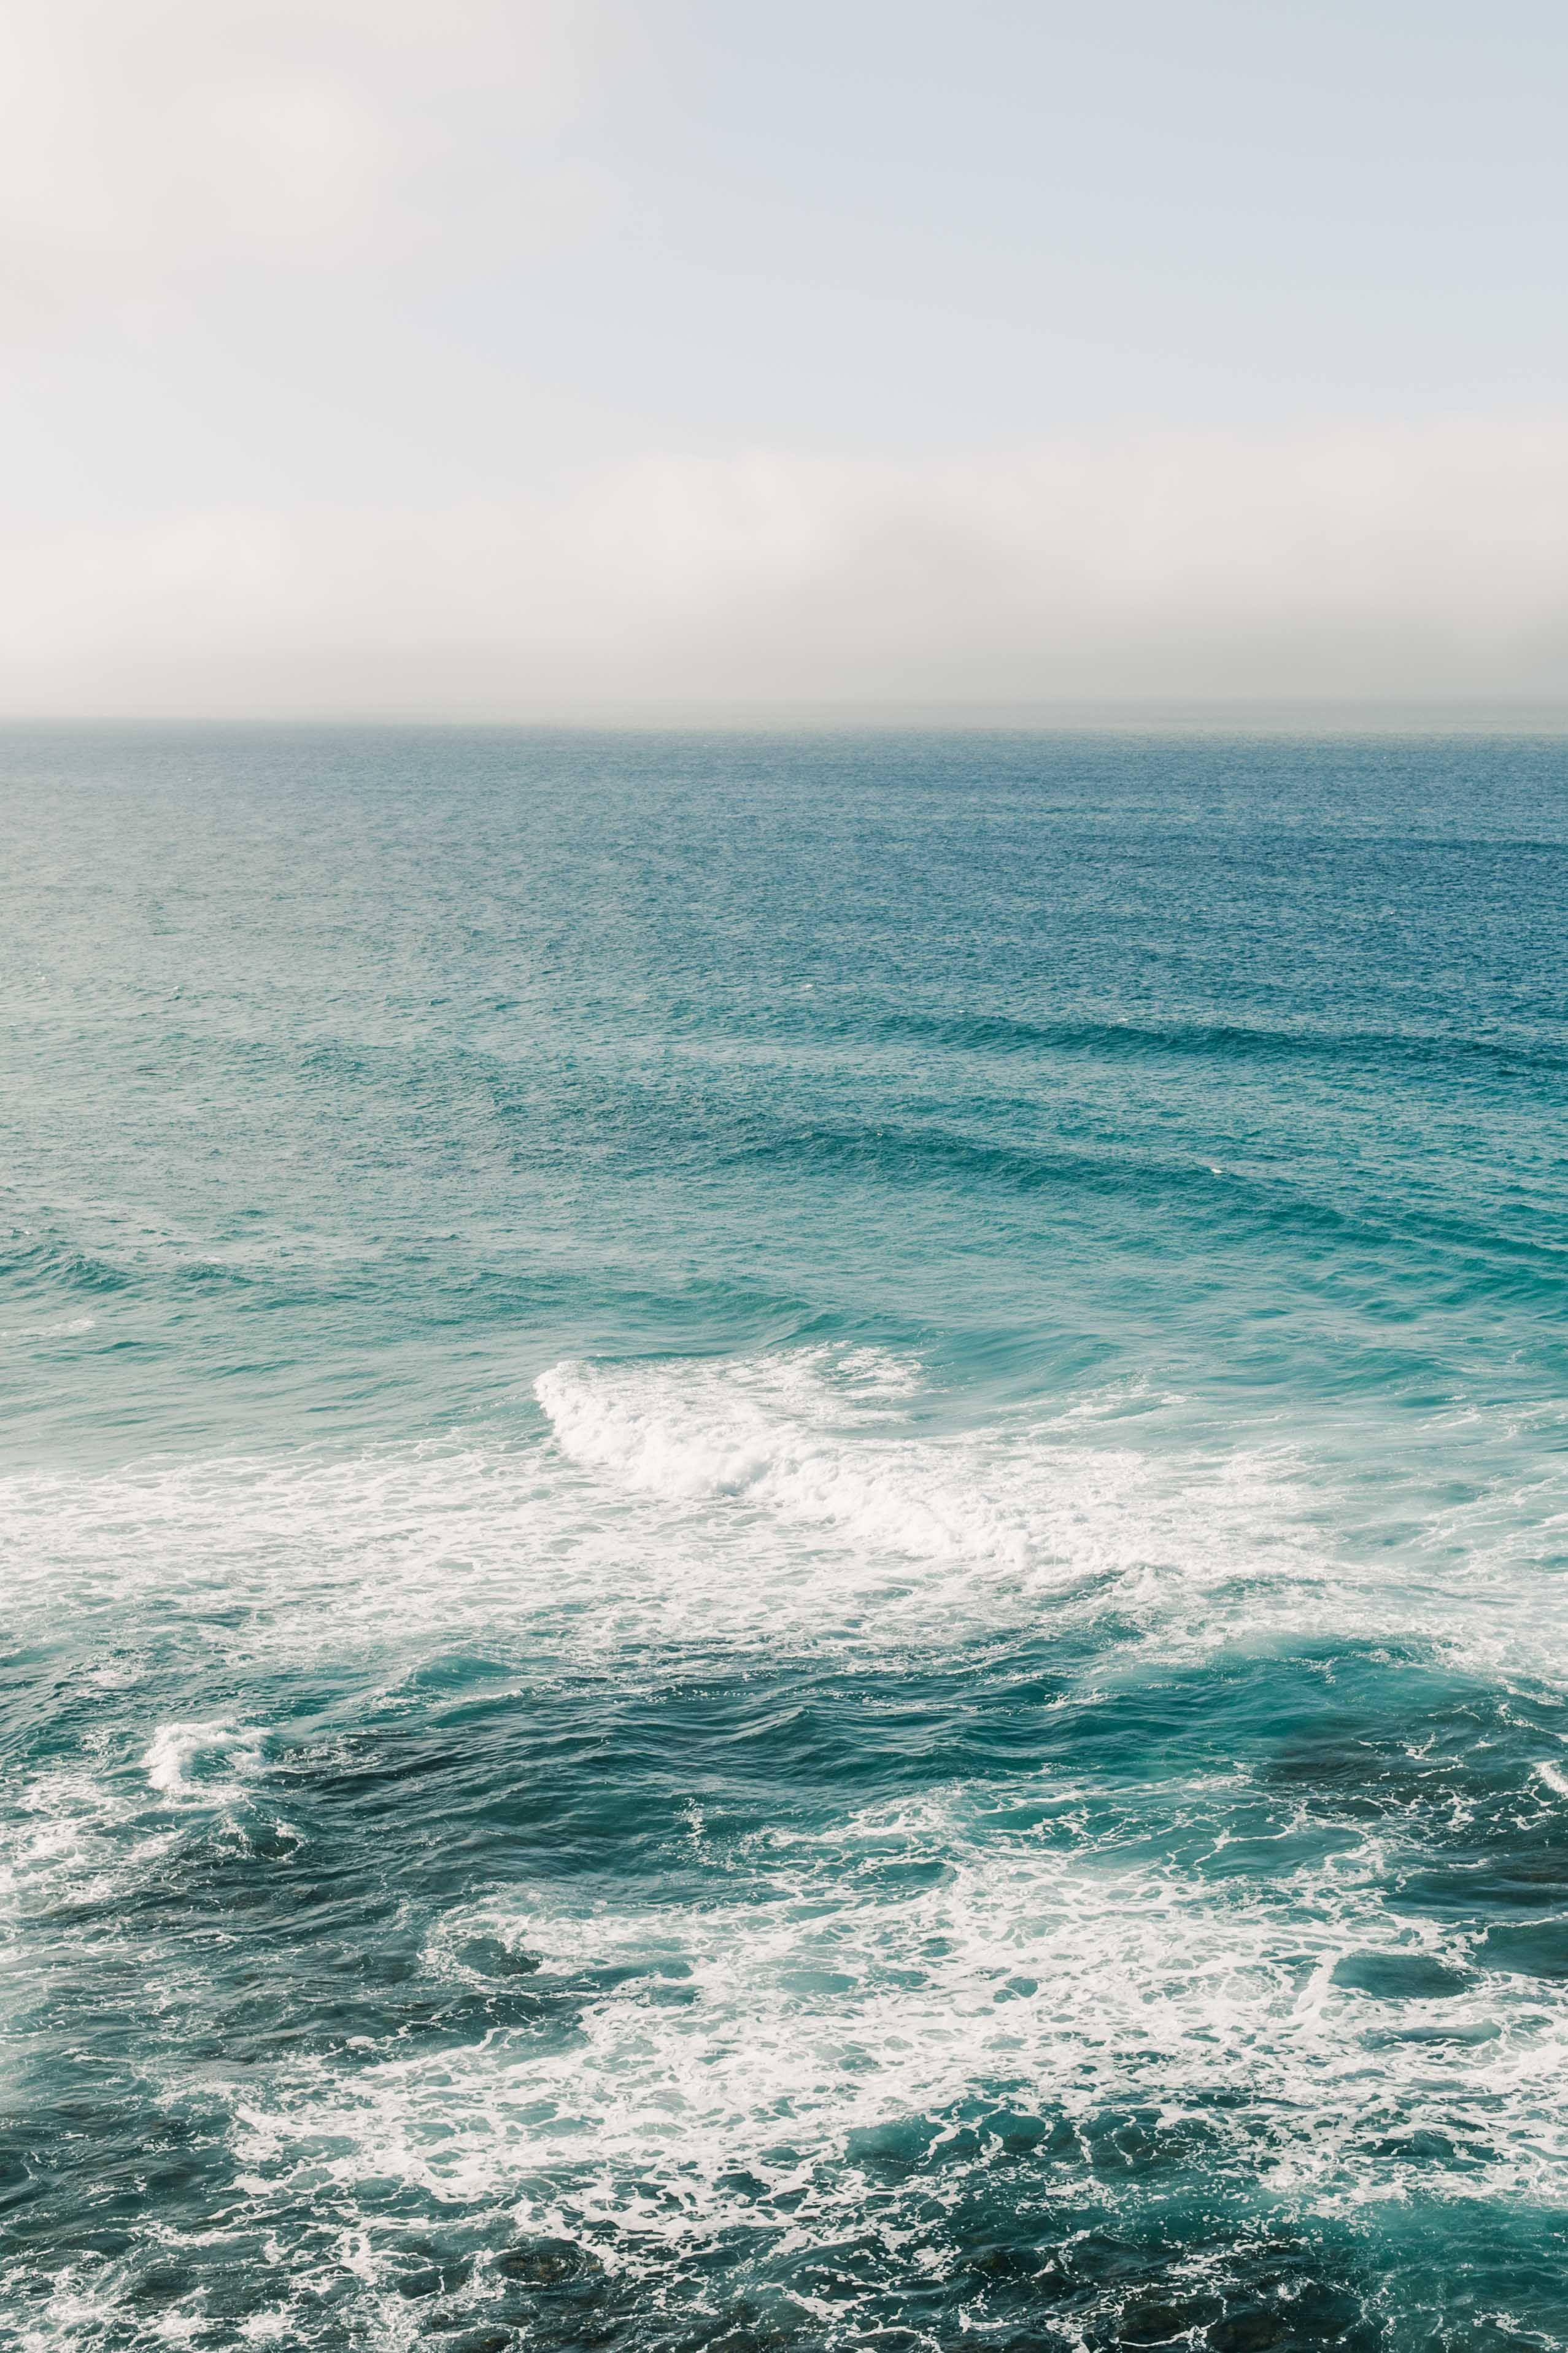 Venus Bay 2019 Chloe Jasmine Prints In 2020 Ocean Photography Ocean Wallpaper Ocean